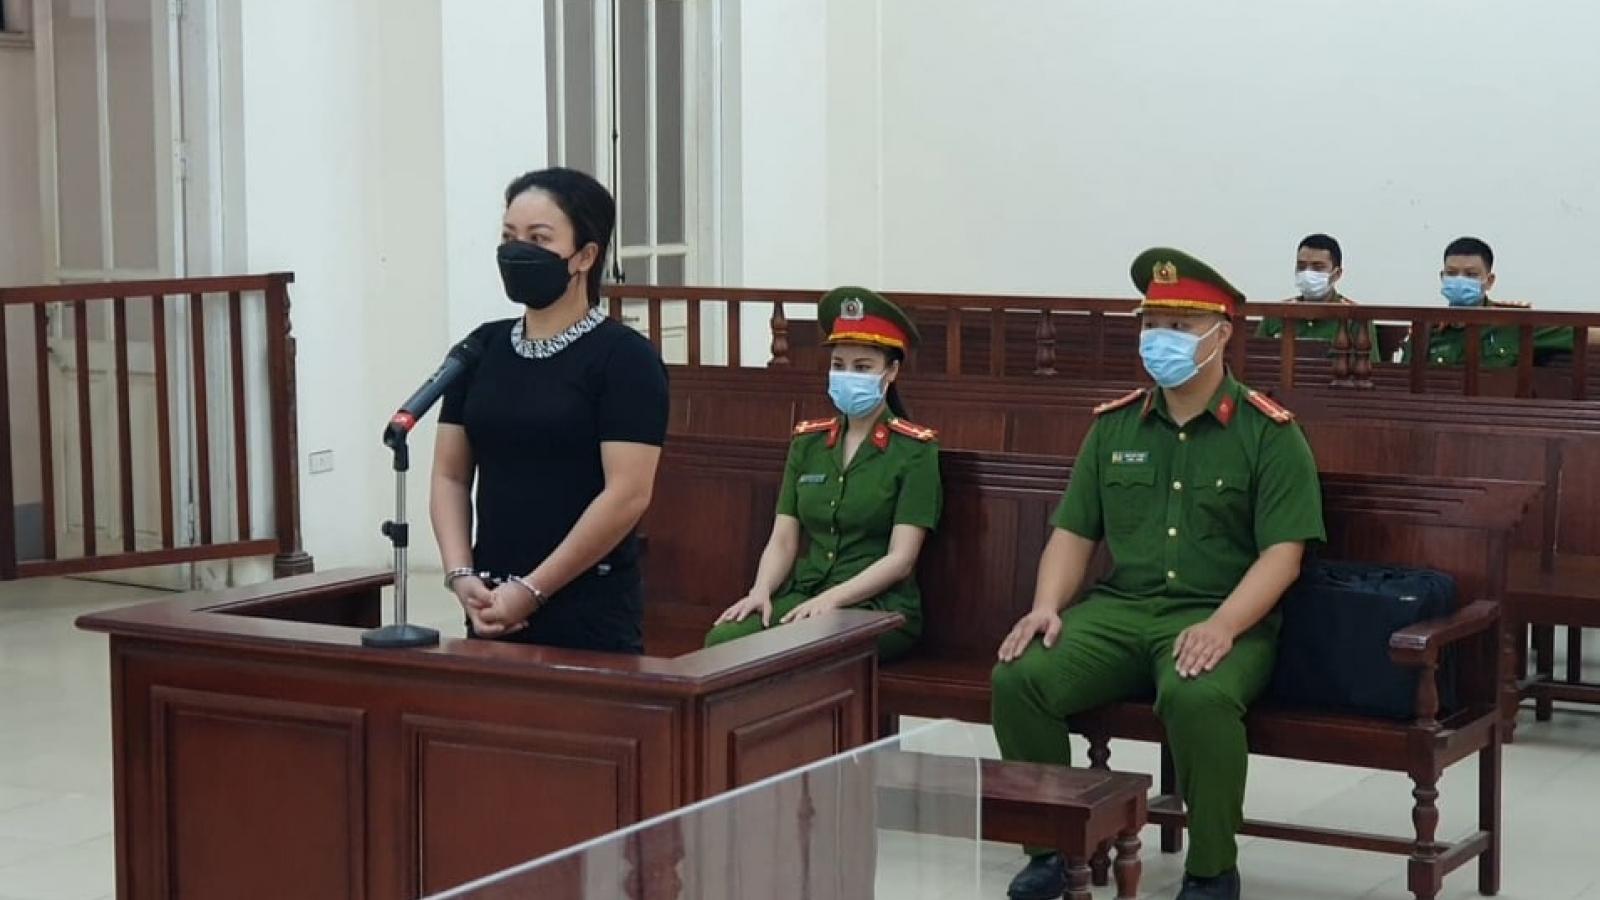 """Nữ chủ quán karaoke mở cửa """"chui"""", chống người thi hành công vụ lĩnh án tù"""